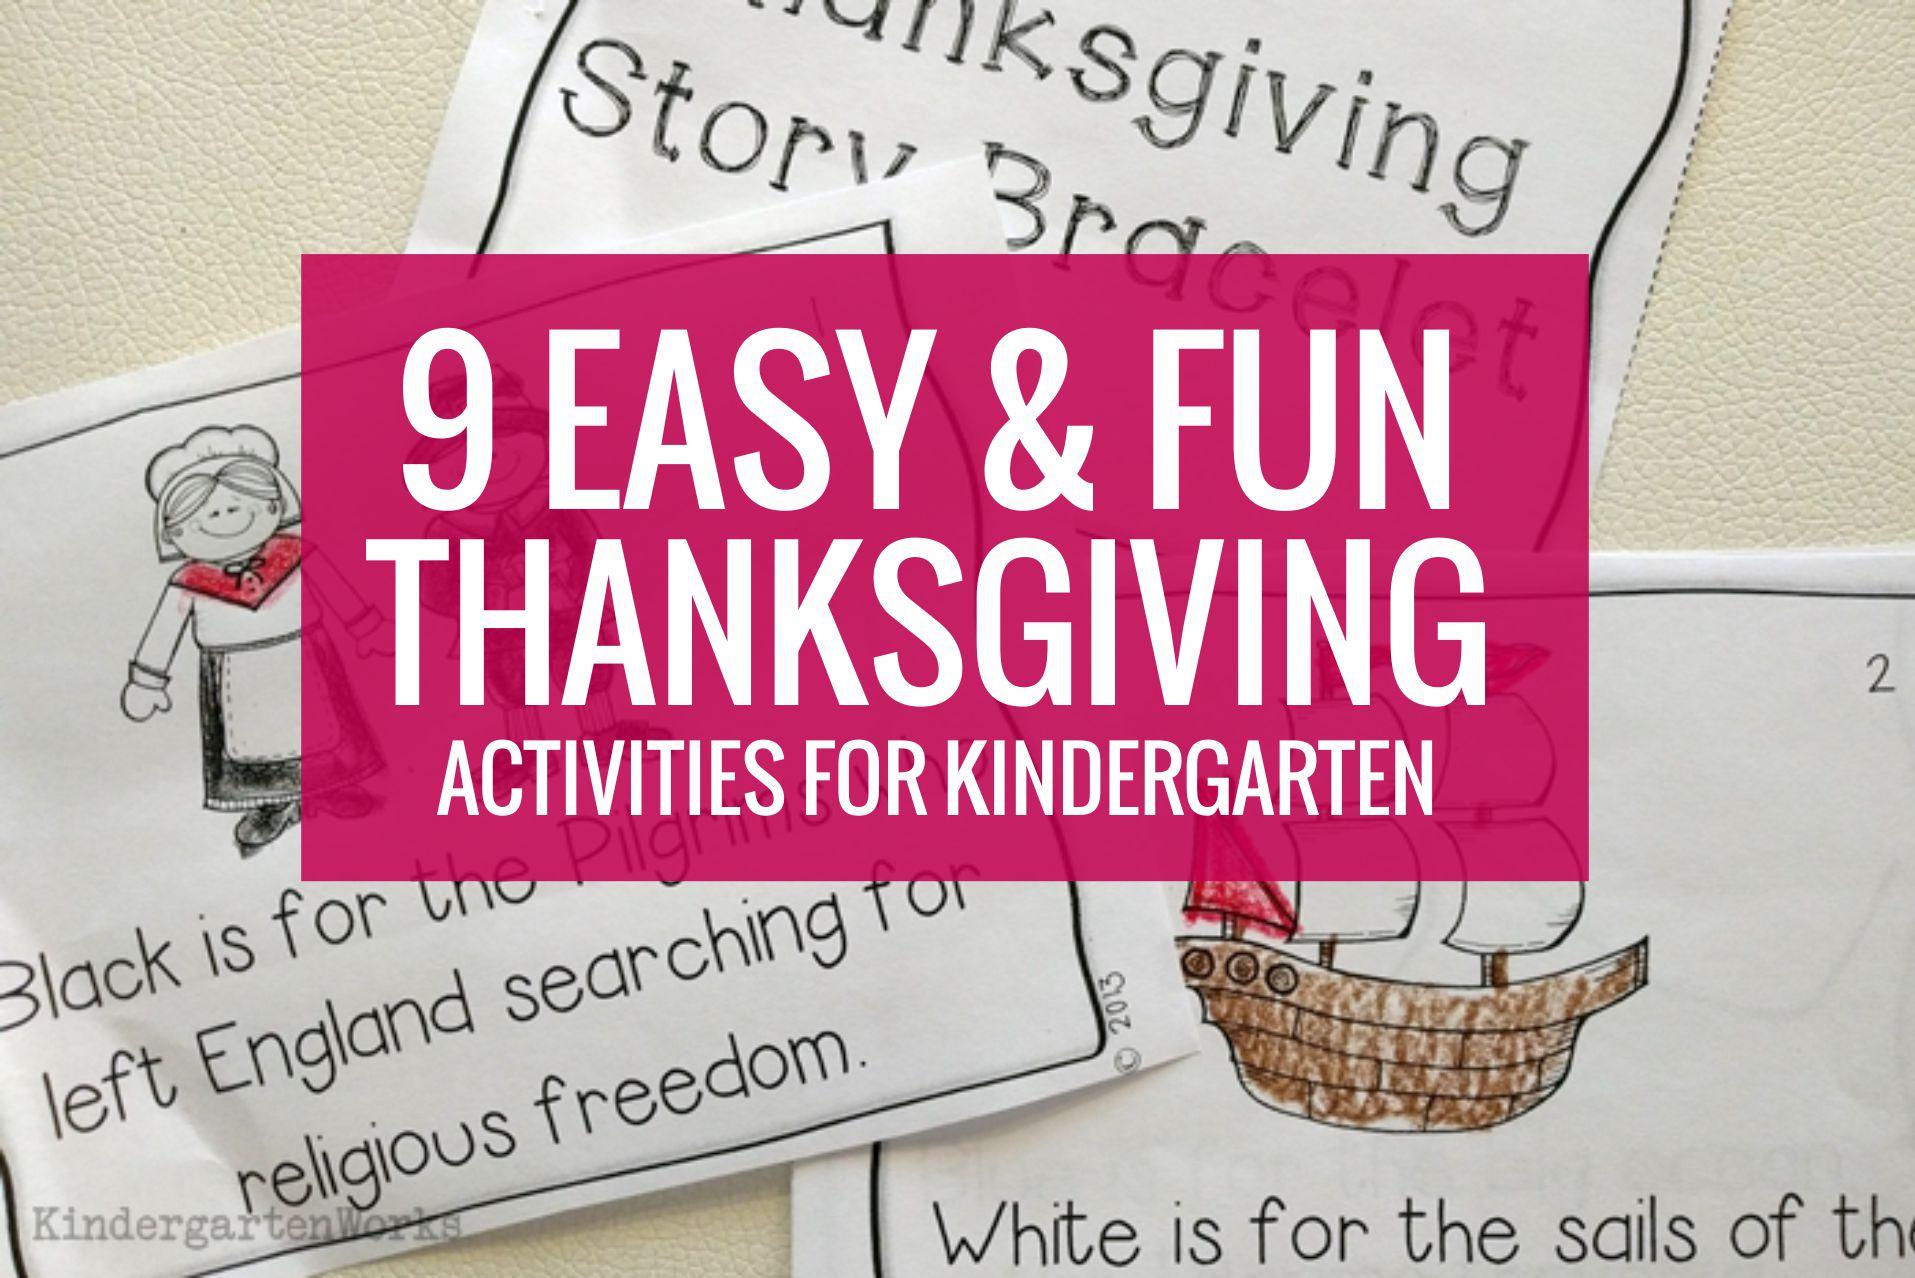 9 Easy and Fun Kindergarten Thanksgiving Activities